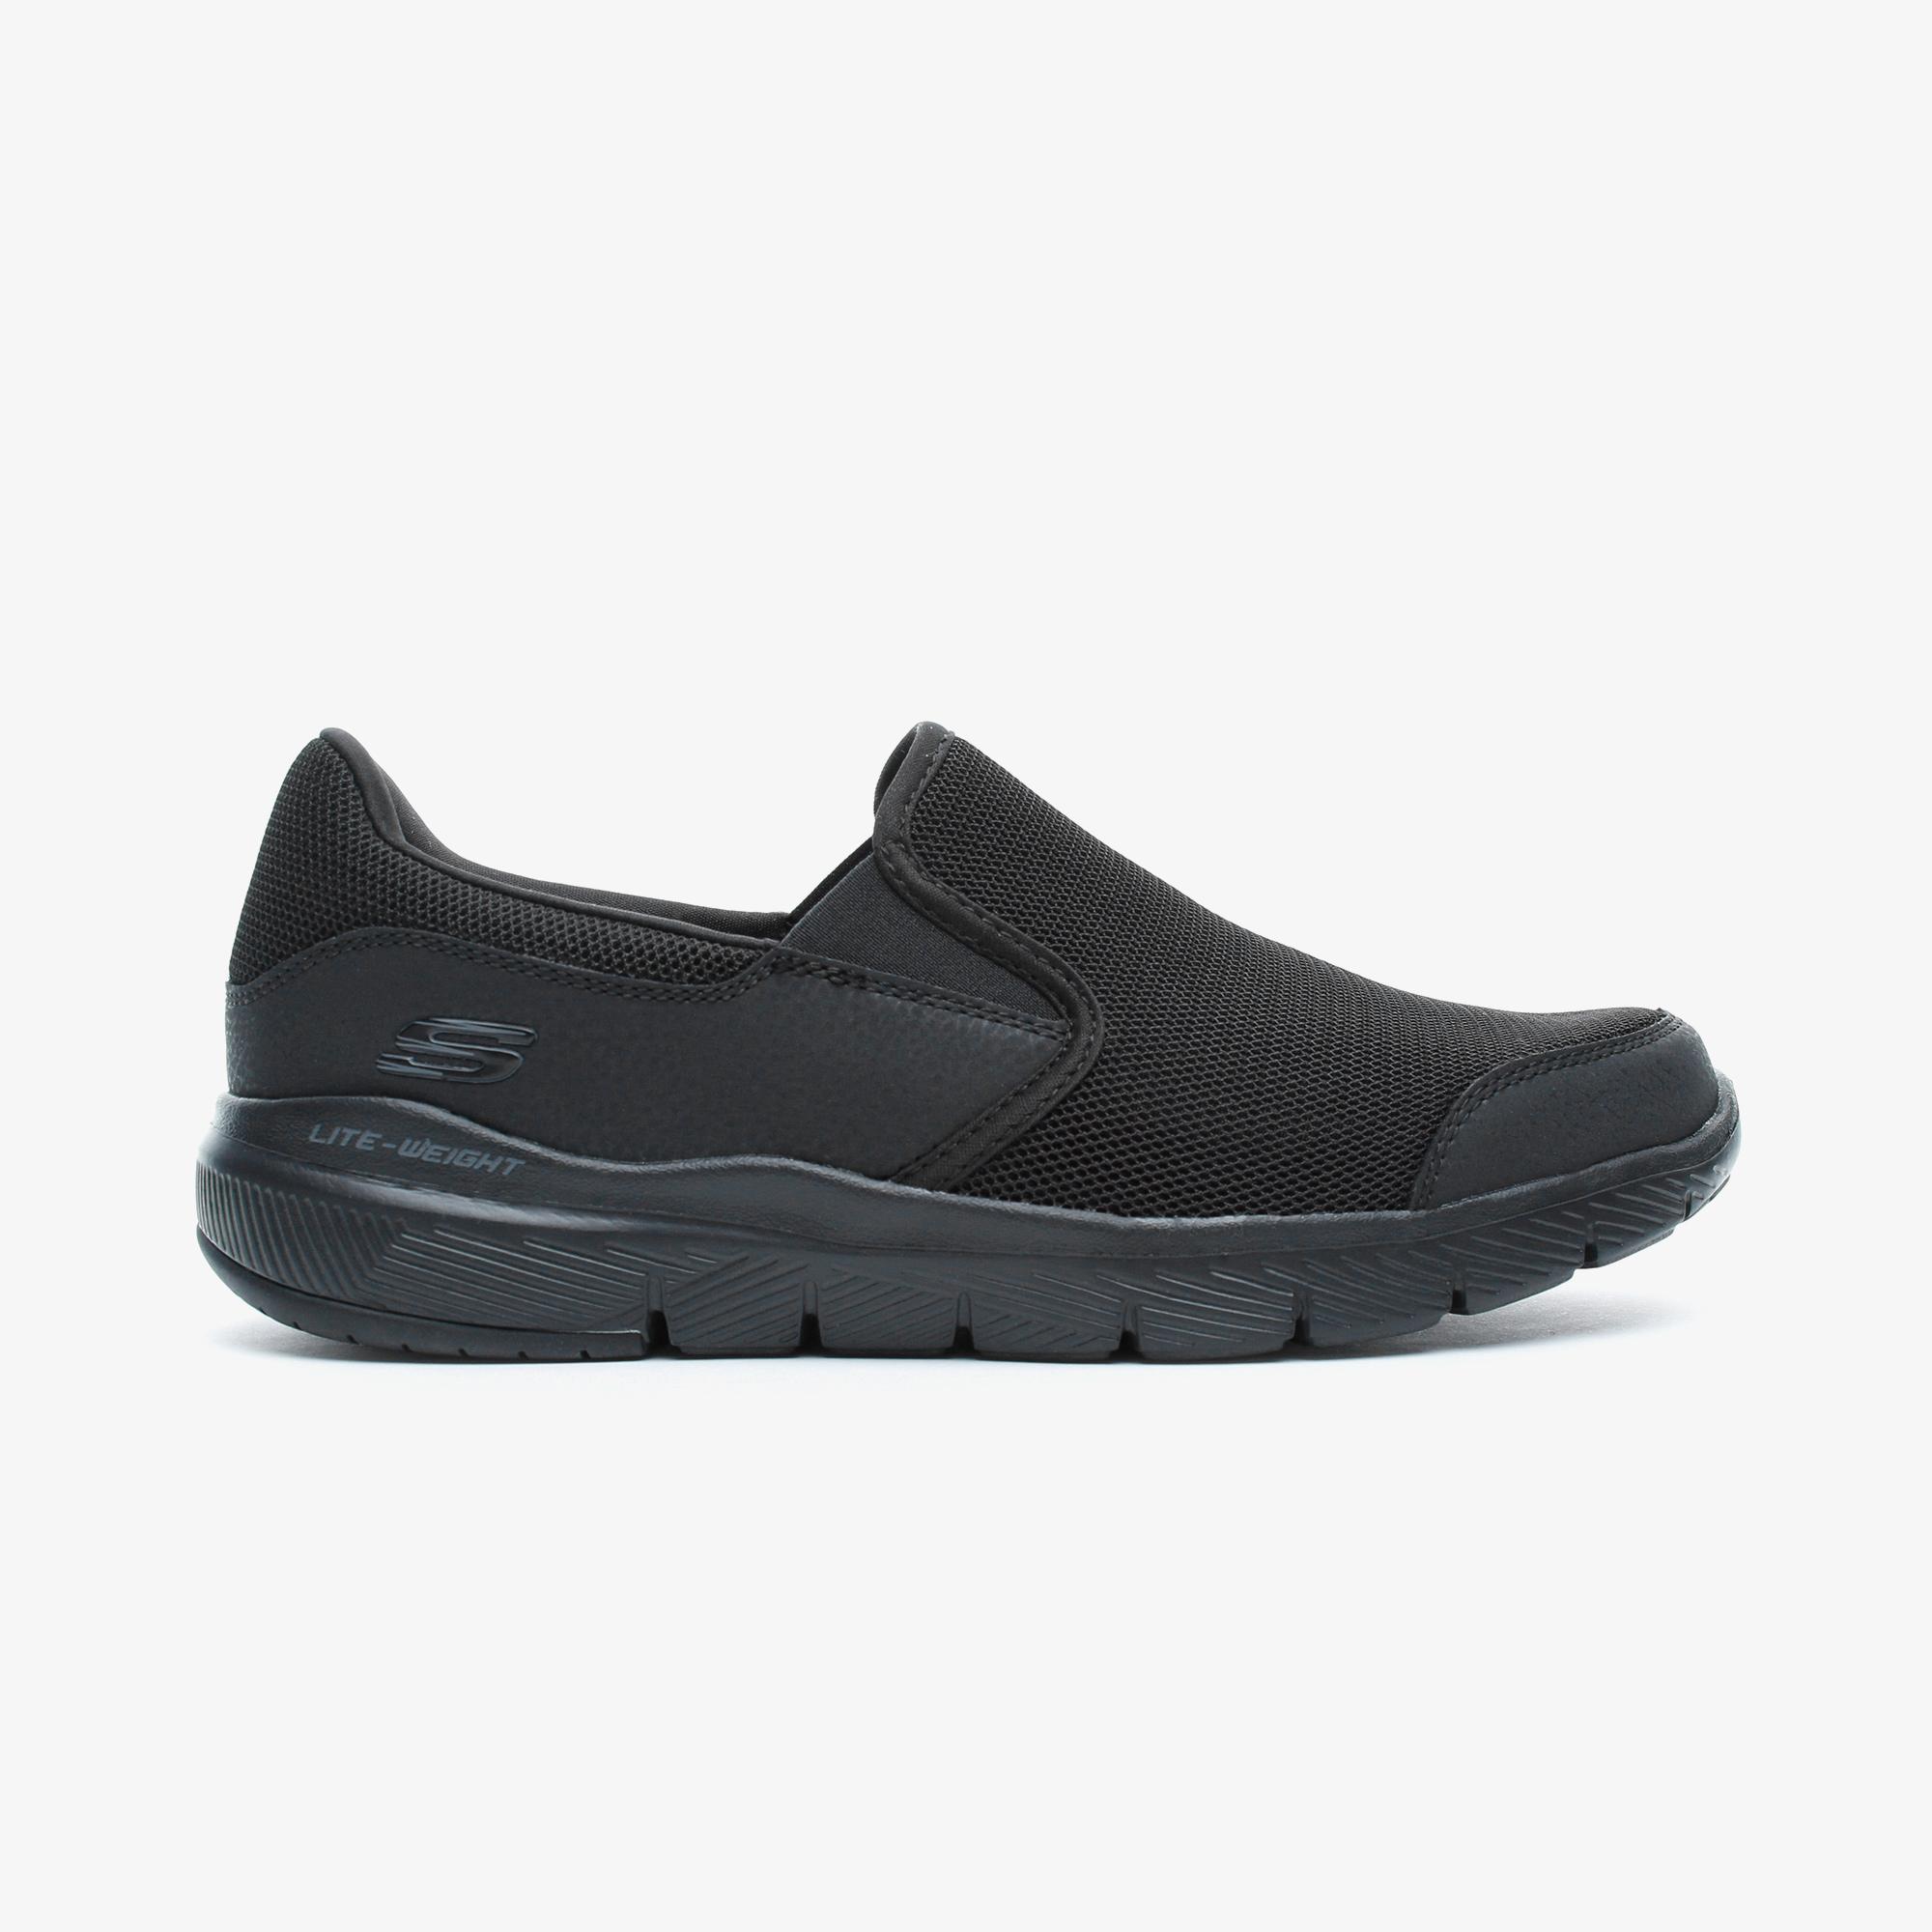 Skechers Flex Advantage 3.0 - Osthurst Erkek Siyah Spor Ayakkabı